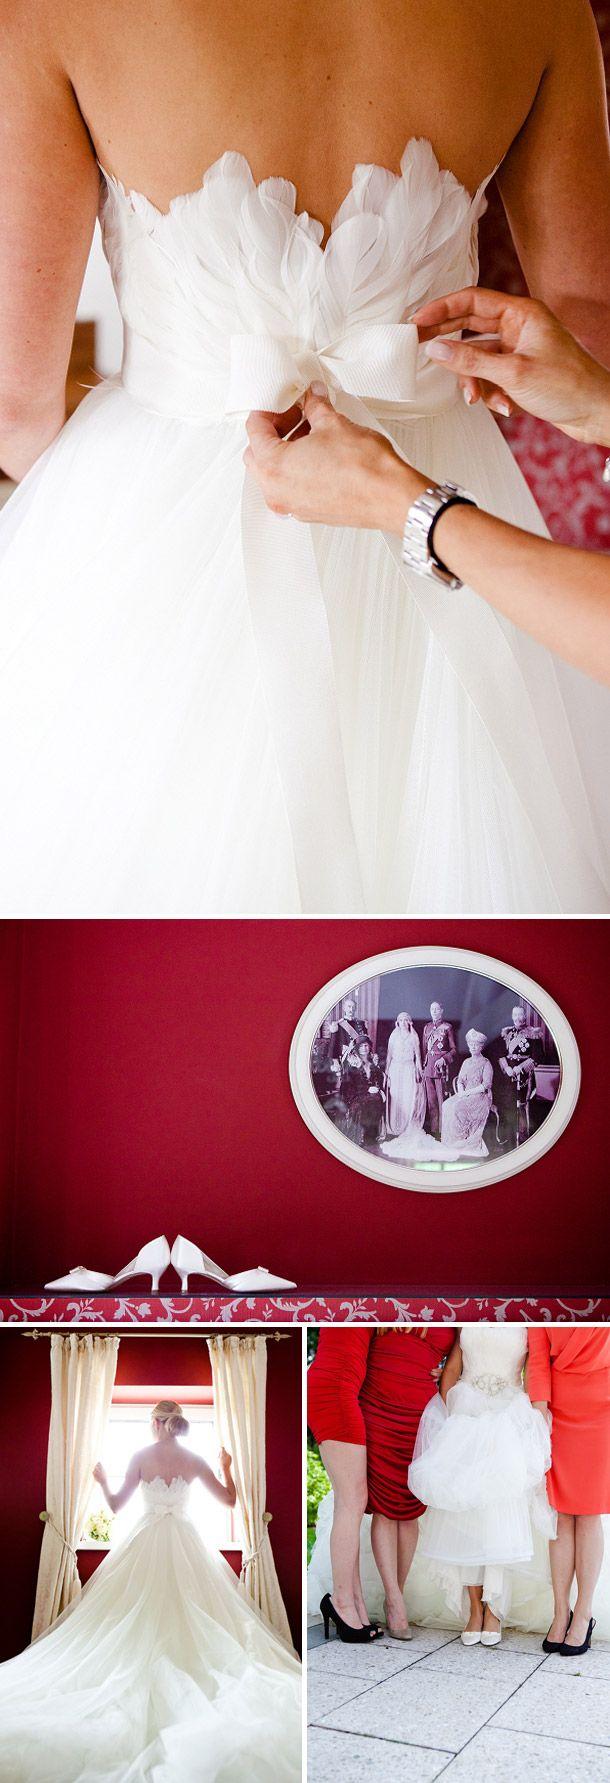 Salzburger Hochzeit von Pink Pixel Photography - wunderschön!!